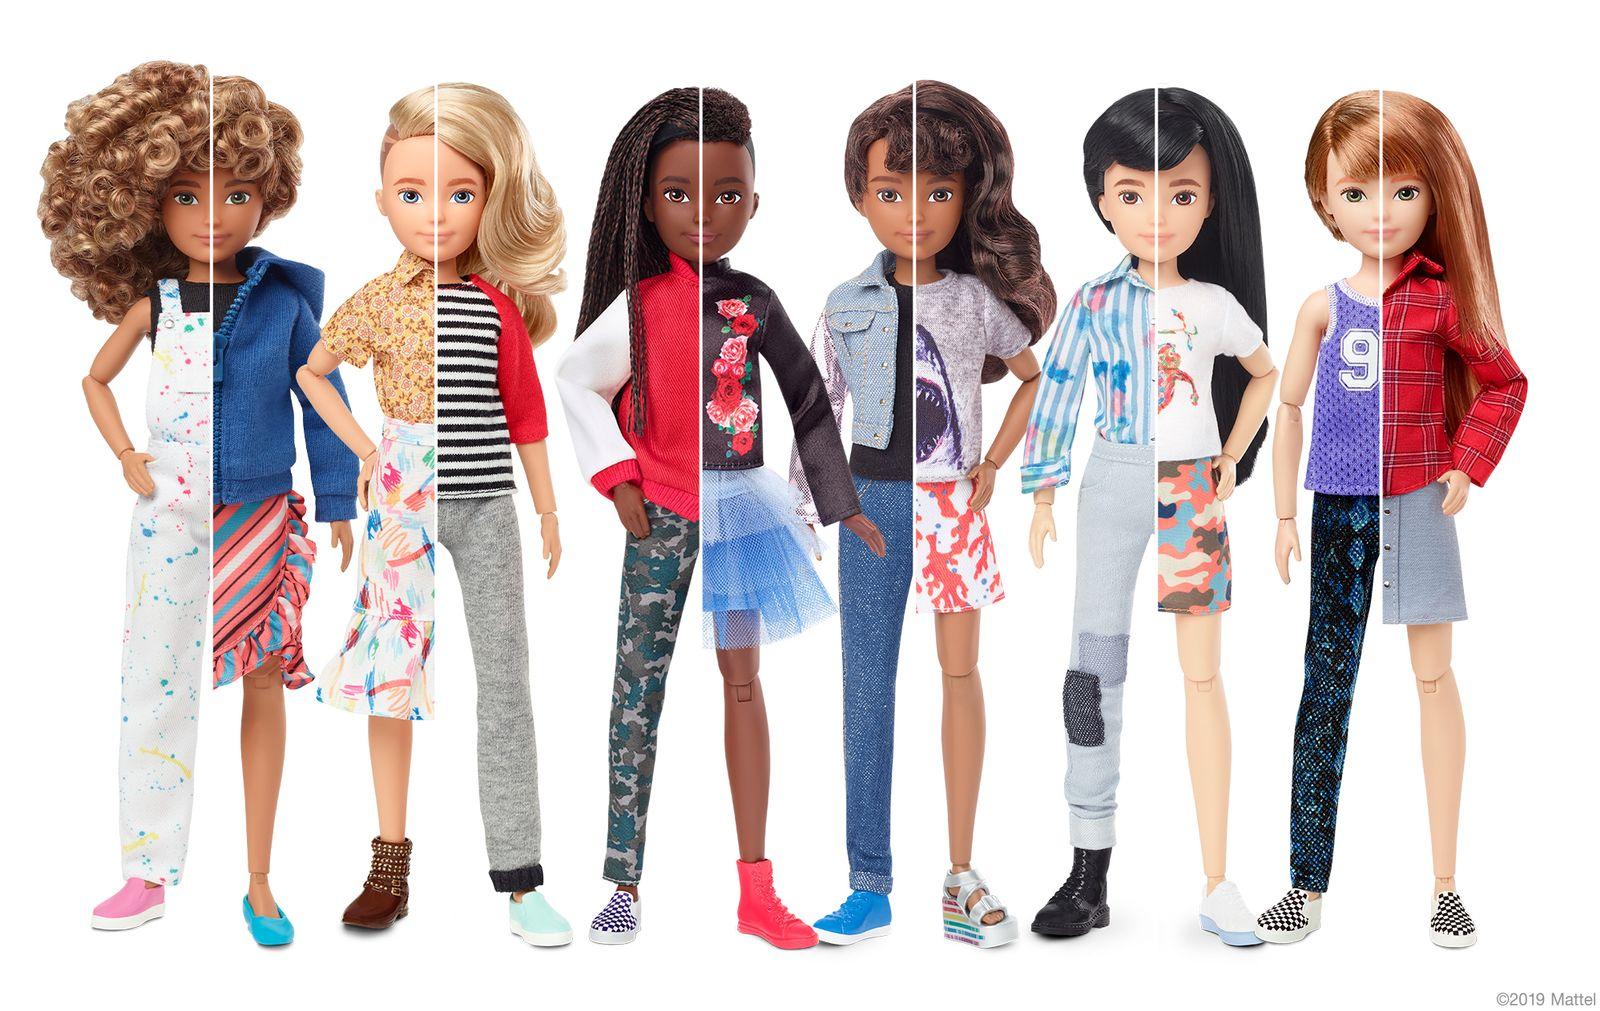 EINMALIGE VERWENDUNG Mattel bringt eine genderneutrale Barbie raus